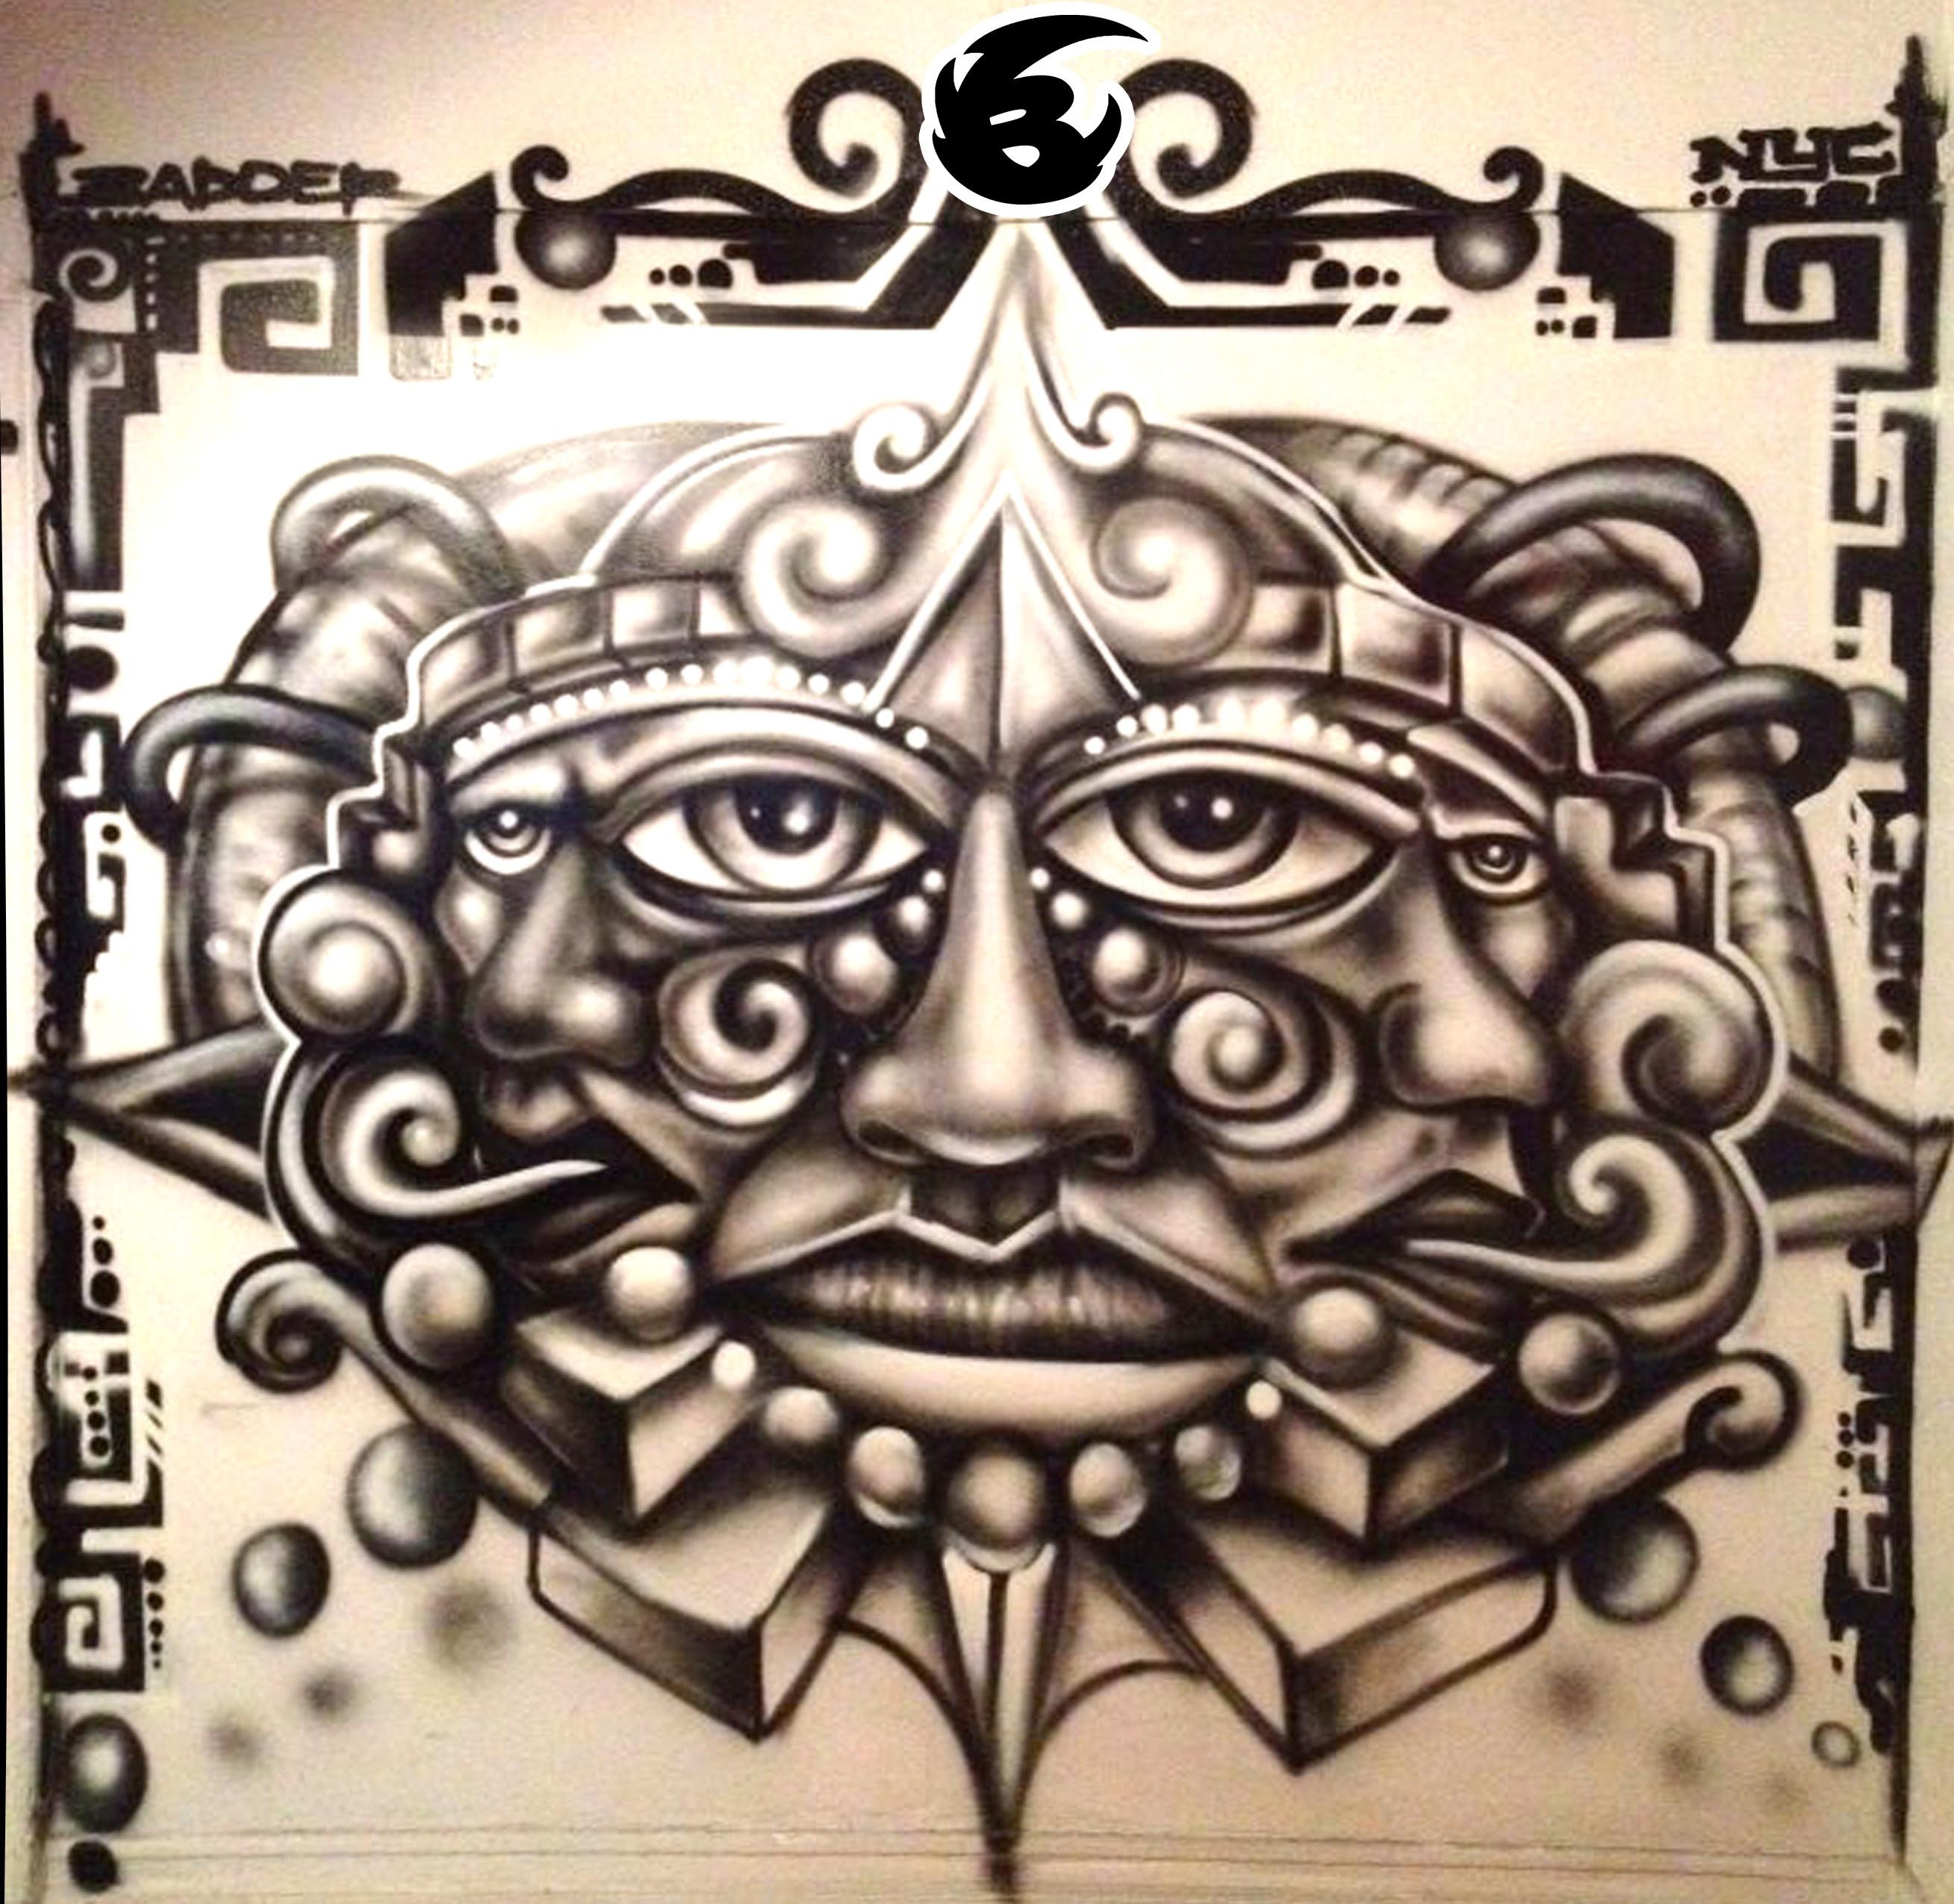 1 EYES AZTEC FACE